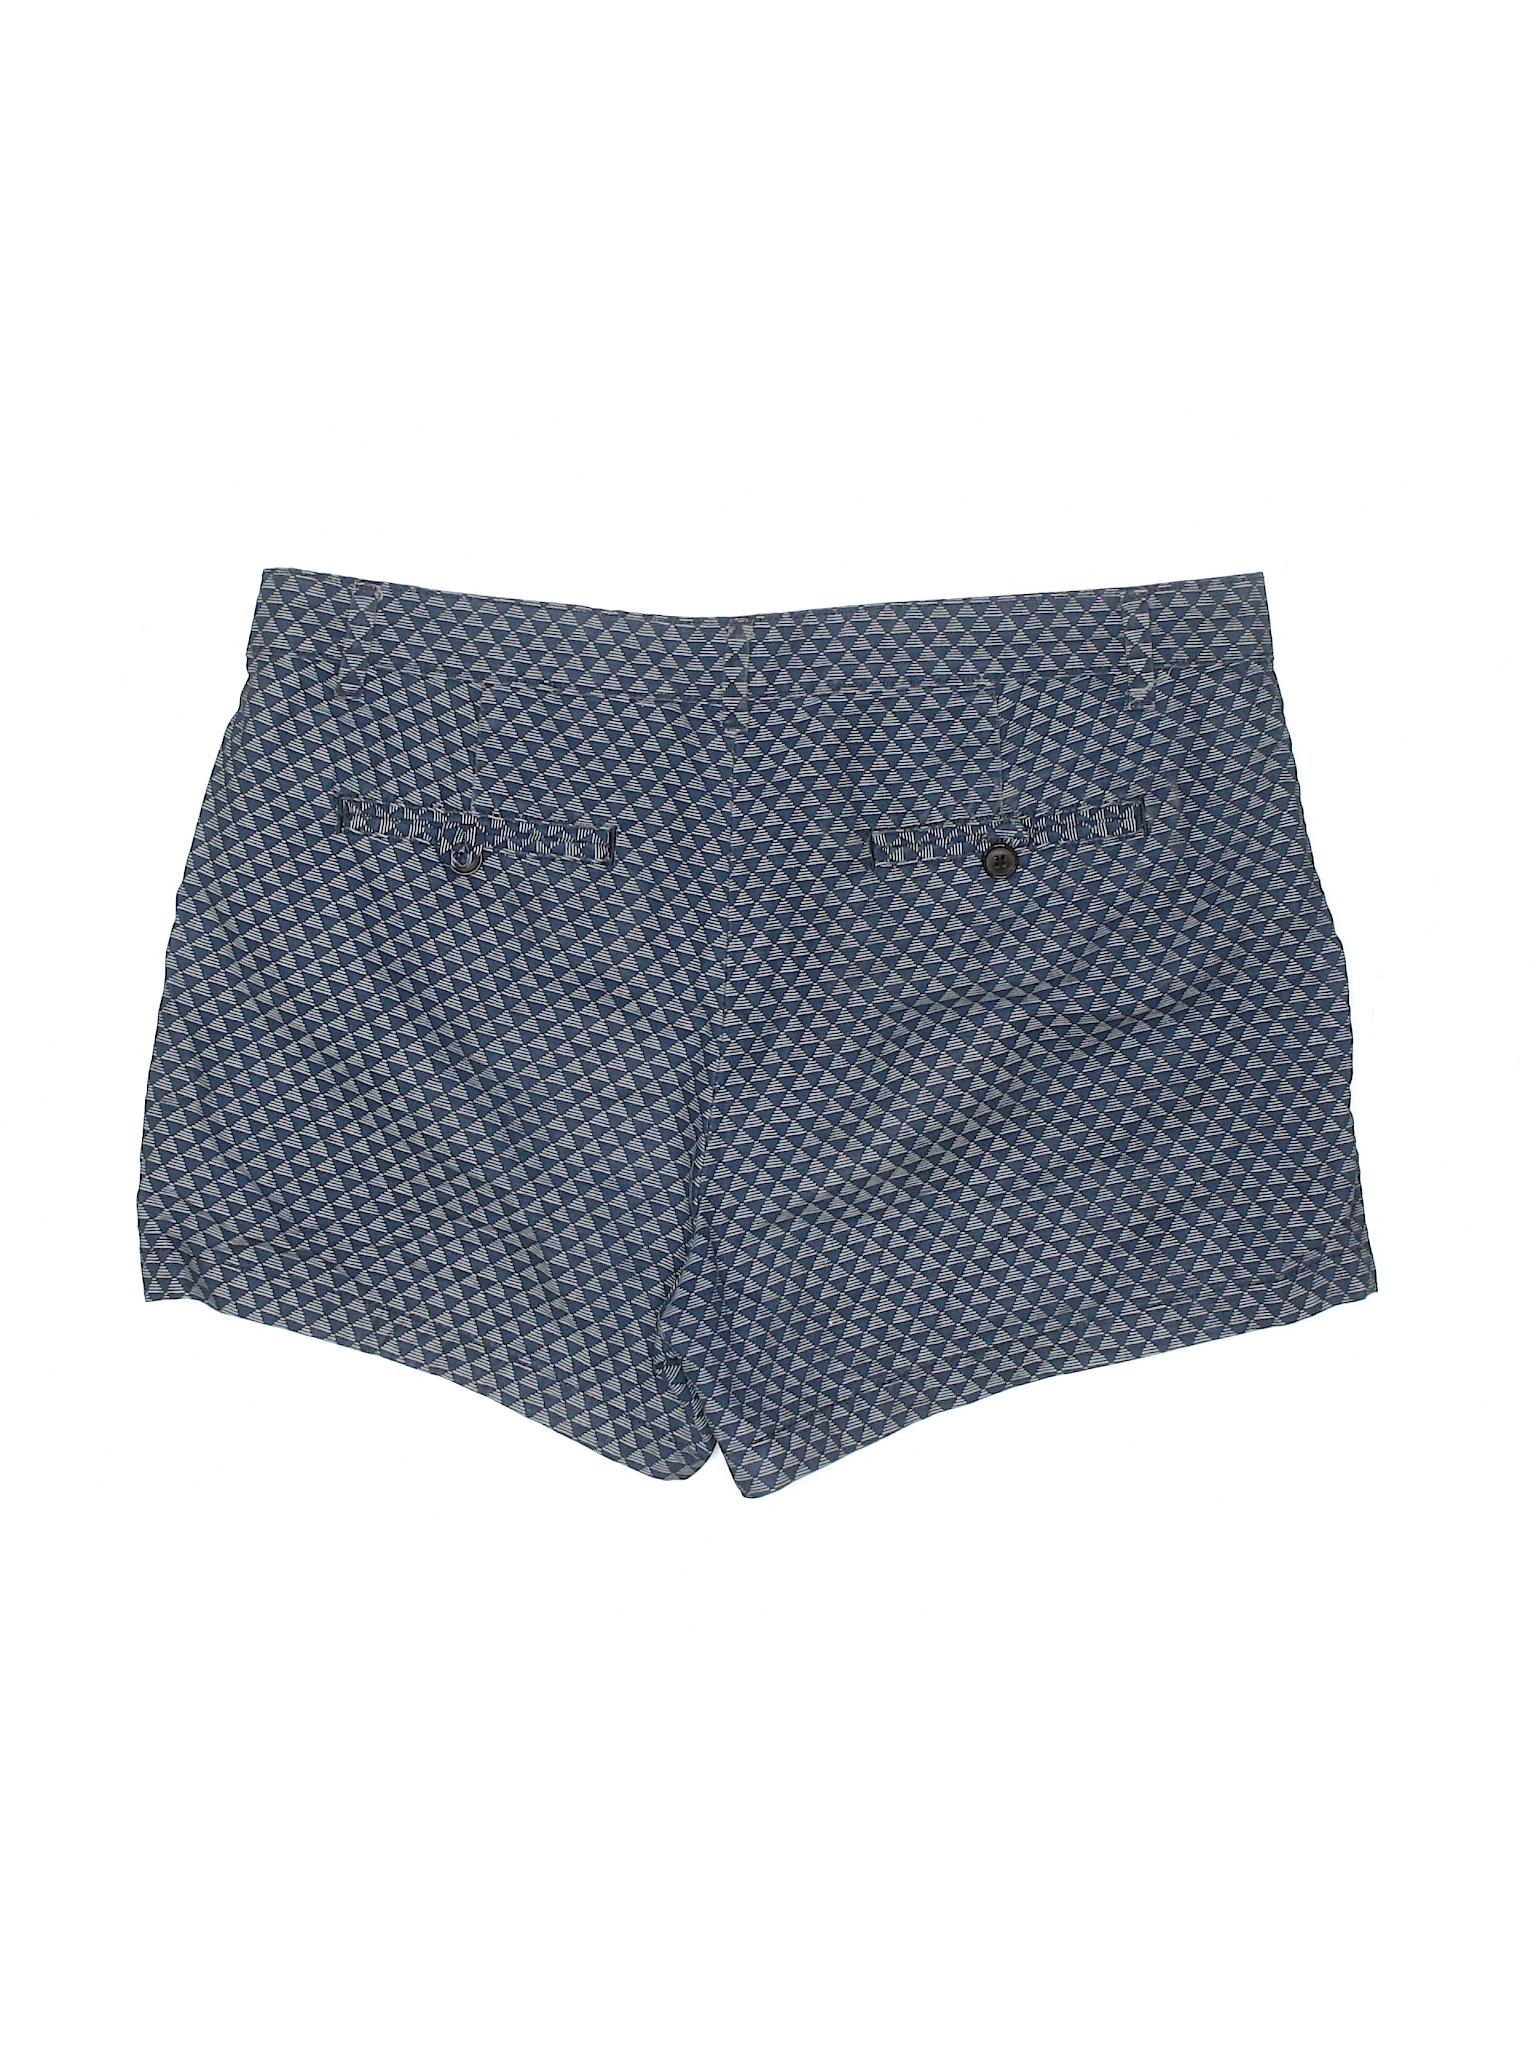 Shorts Khaki Boutique Boutique Gap Gap qHzXUXx7